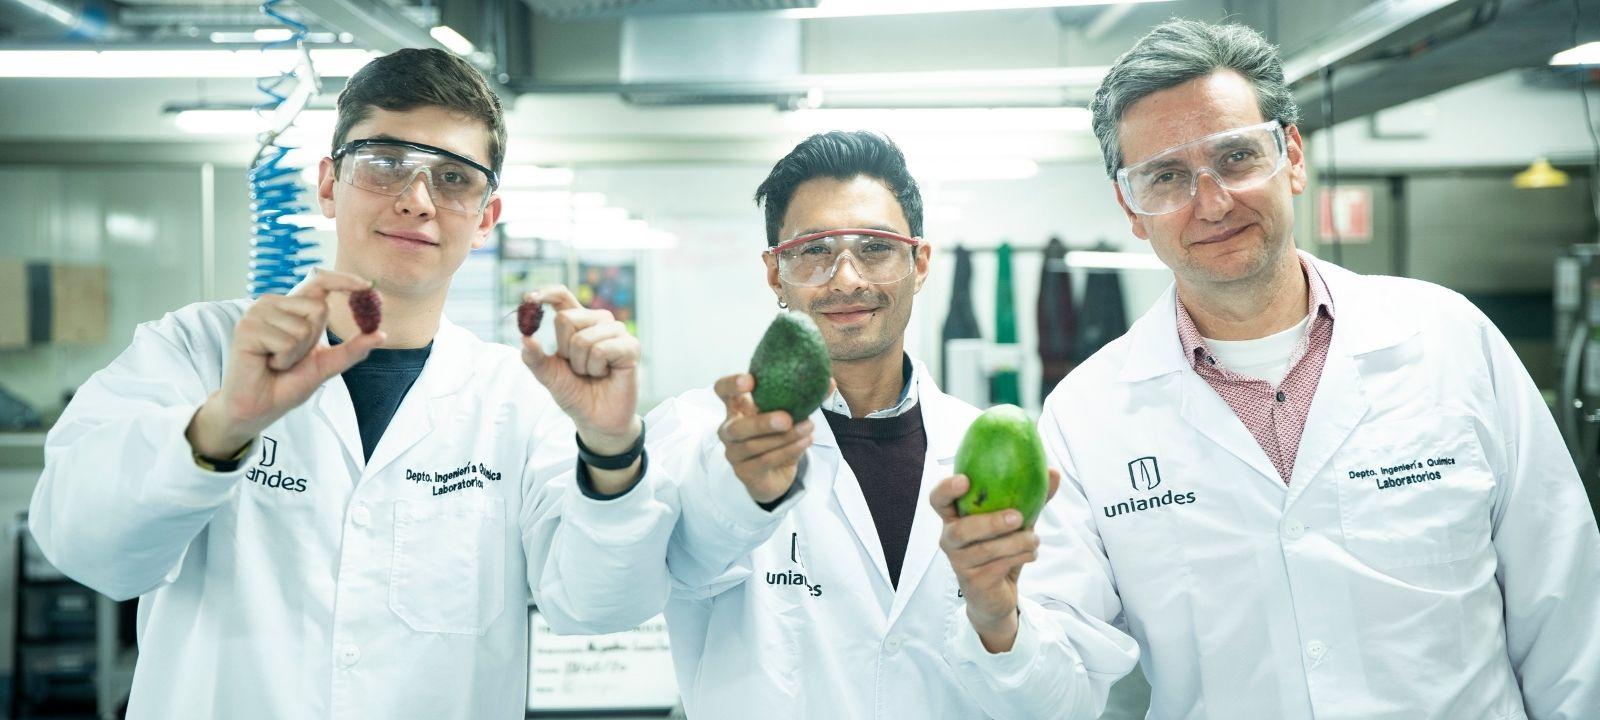 Andrés David Rojas, Ariel Mauricio Vaca y Felipe Salcedo, profesores del Departamento de Ingeniería Química y de Alimentos de la Universidad de los Andes